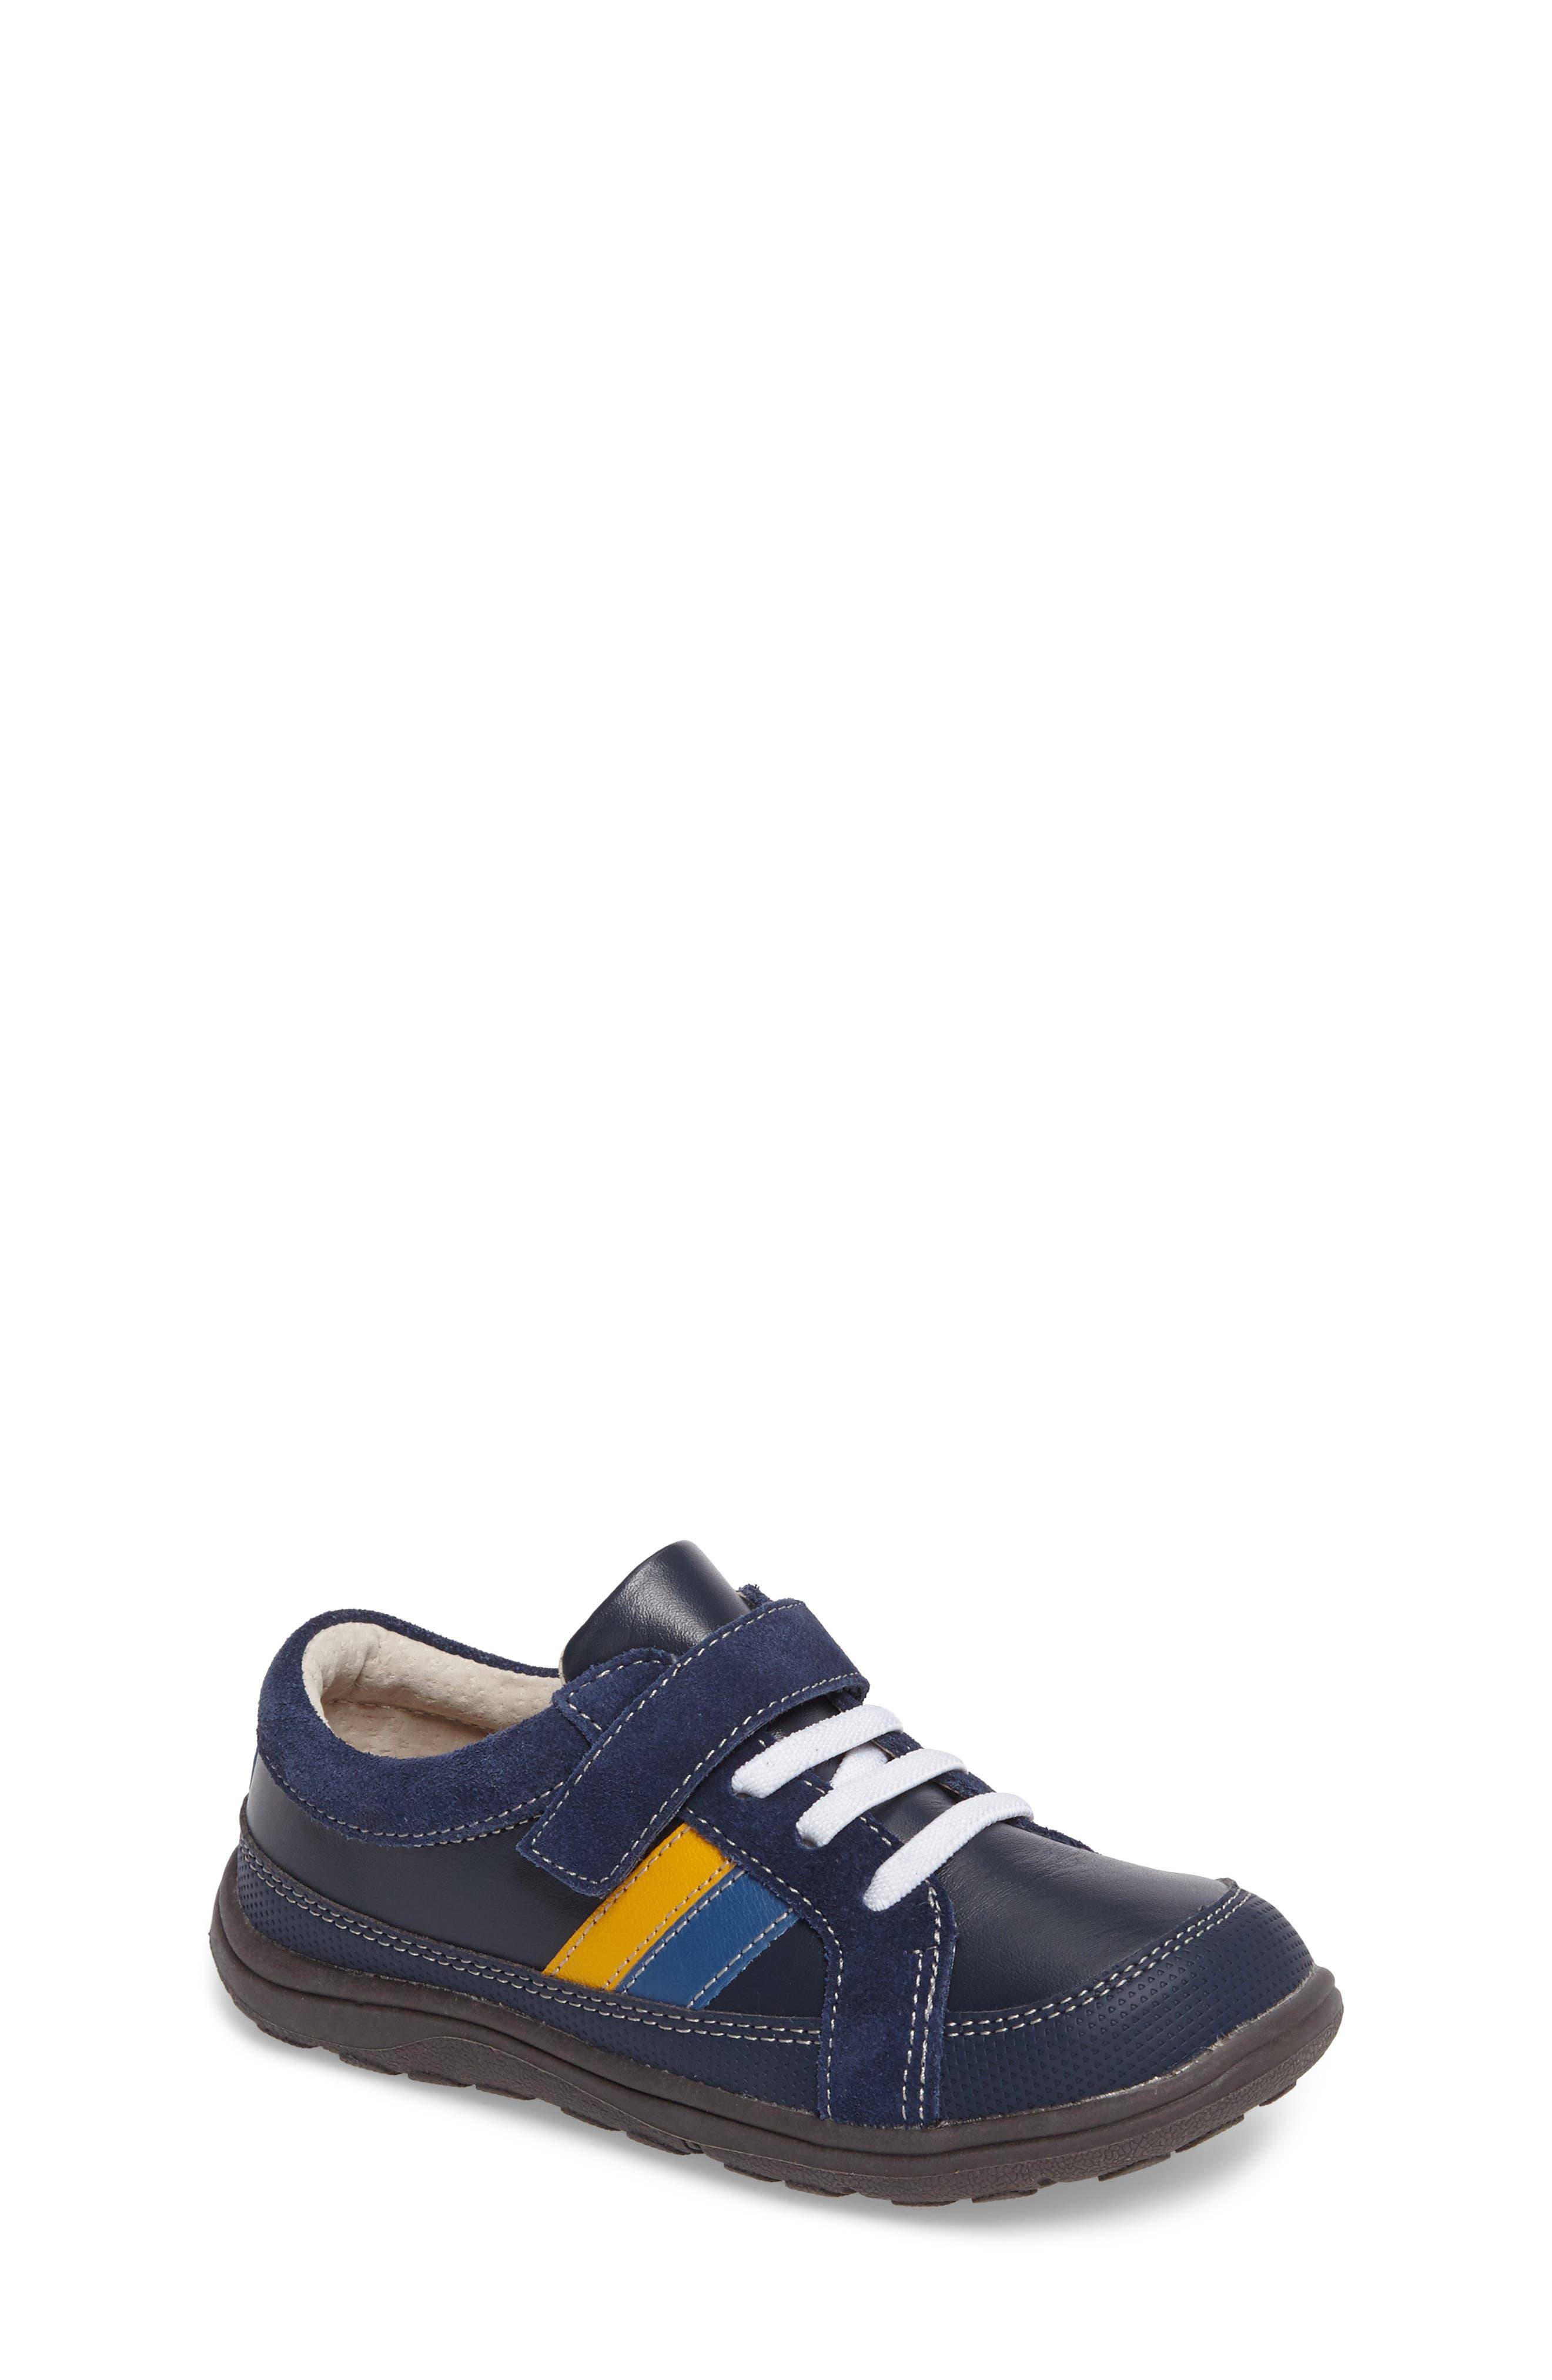 'Randall' Sneaker,                             Main thumbnail 1, color,                             Navy